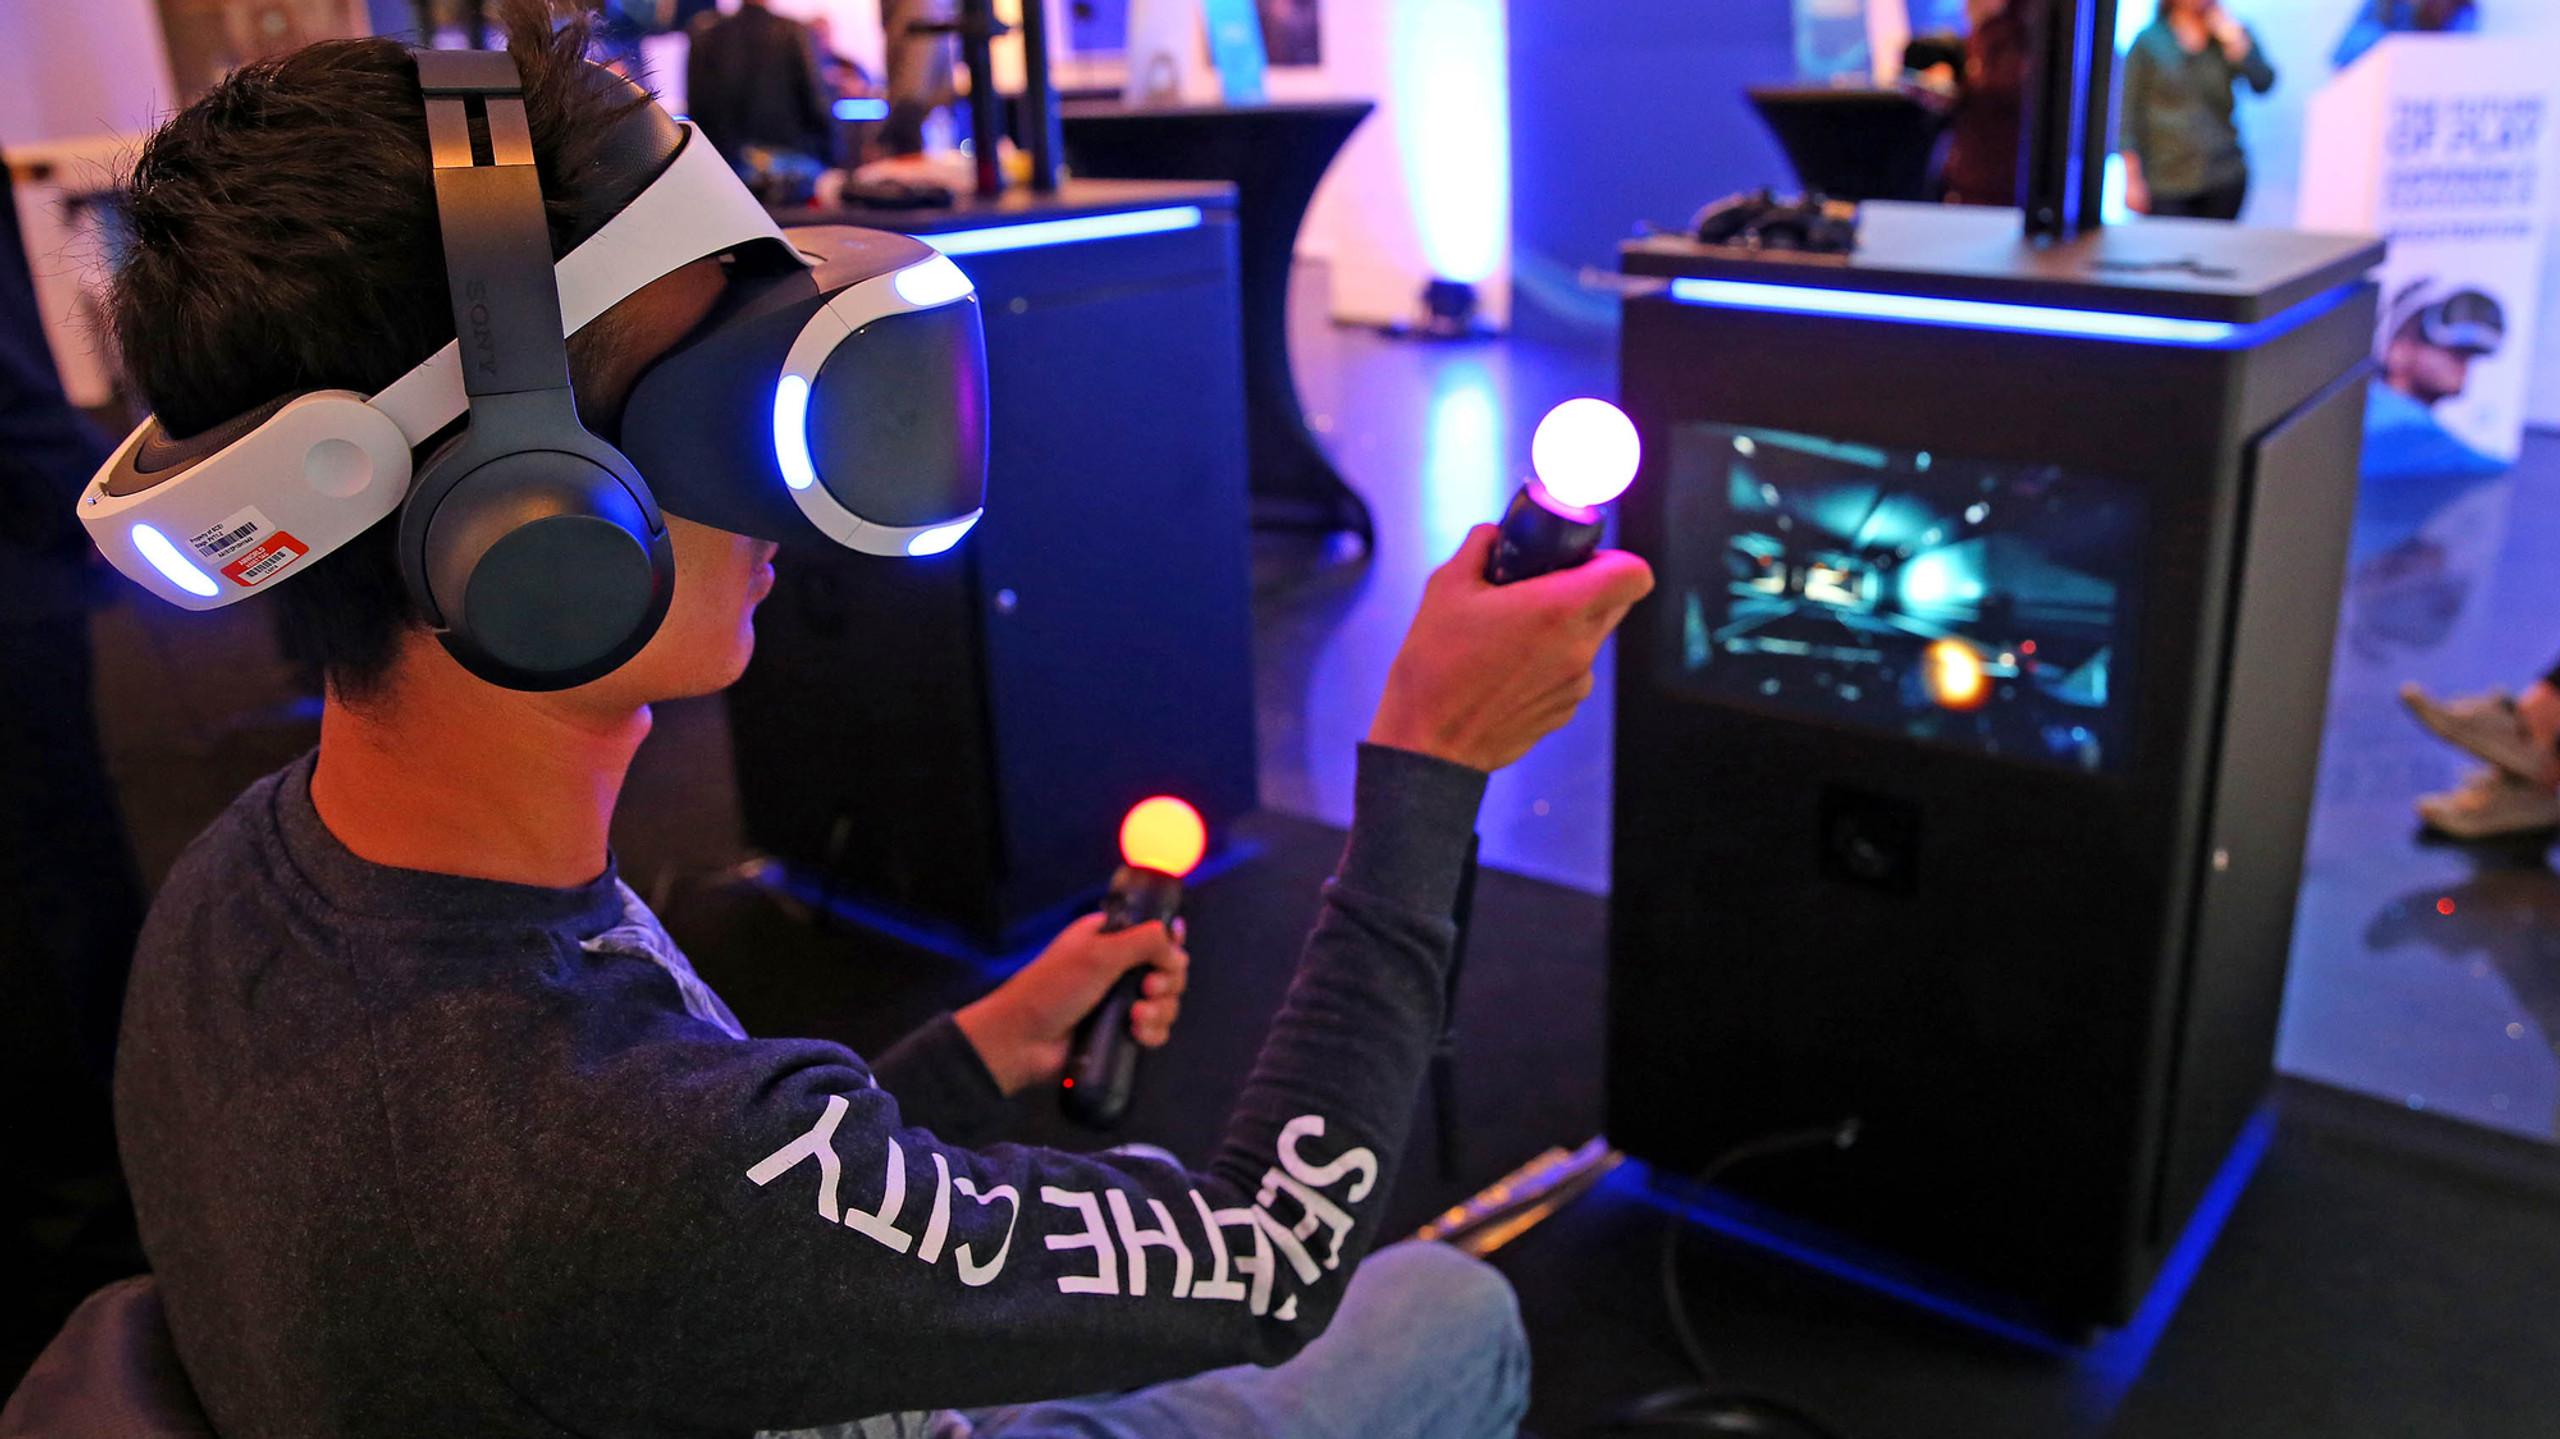 PlayStation VR pop-up in Dublin